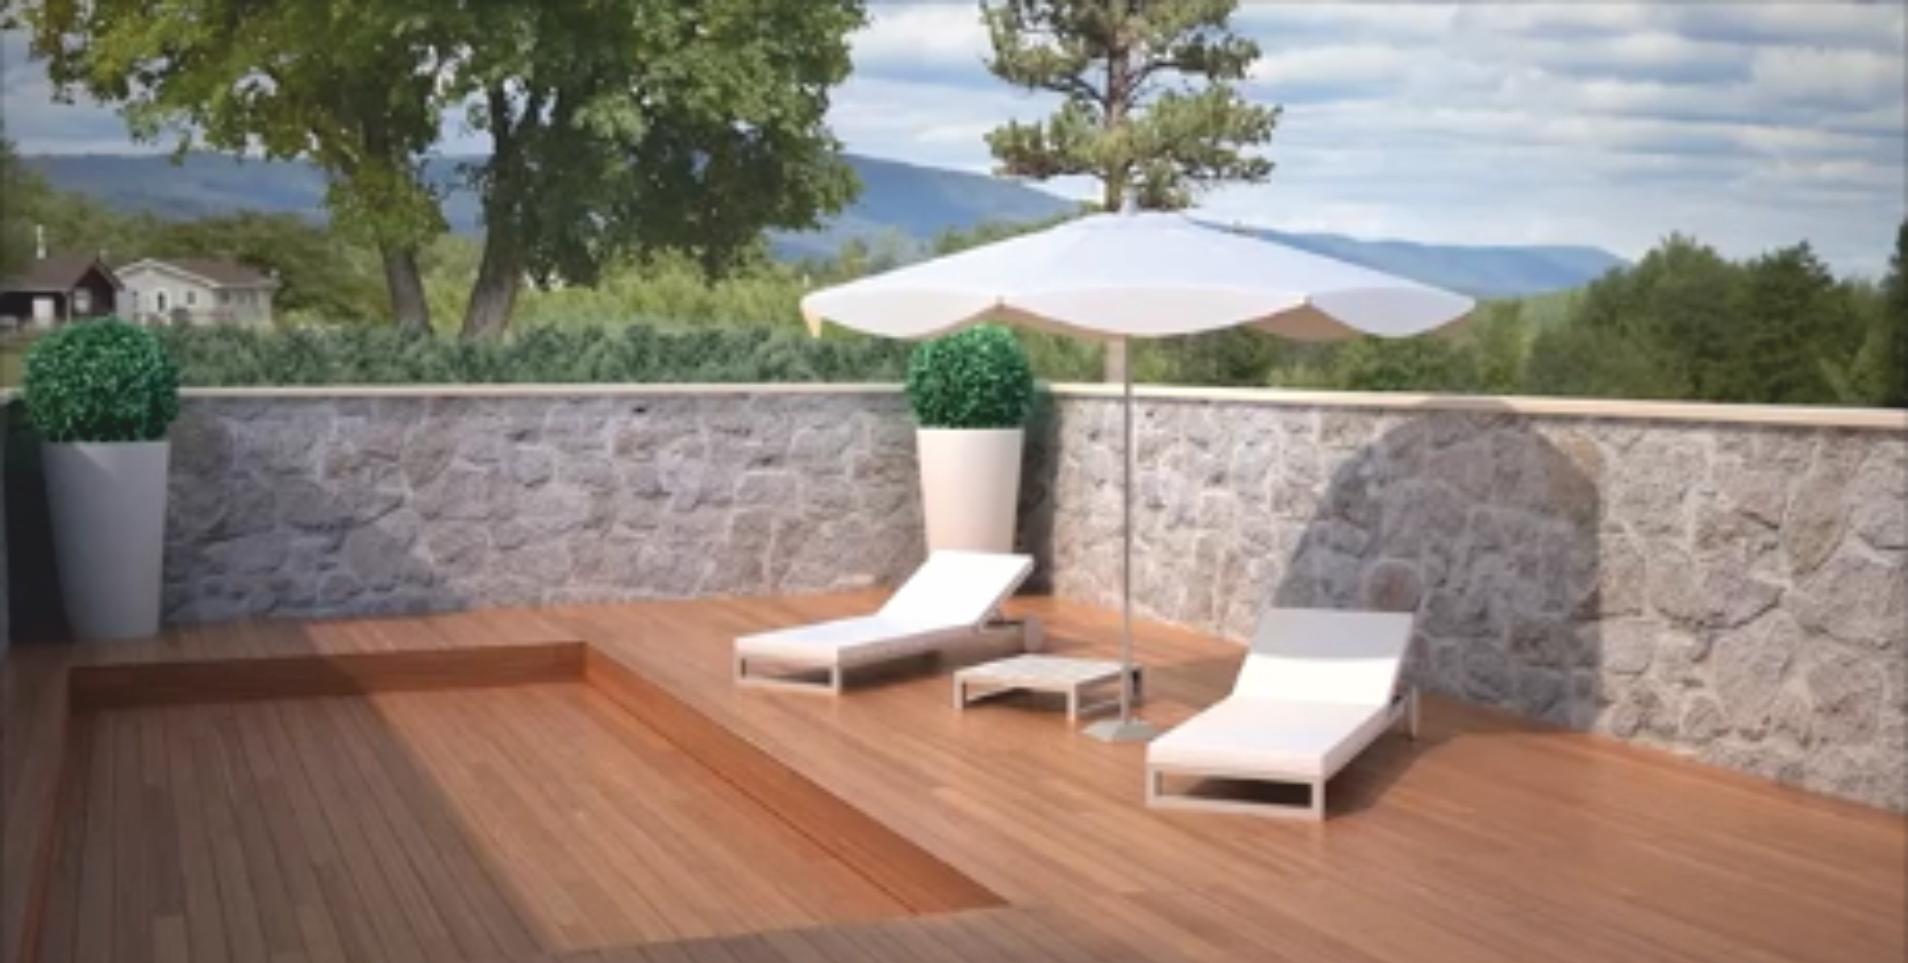 Piscinas para terrazas excellent resultado de imagen para for Piscina arganda del rey